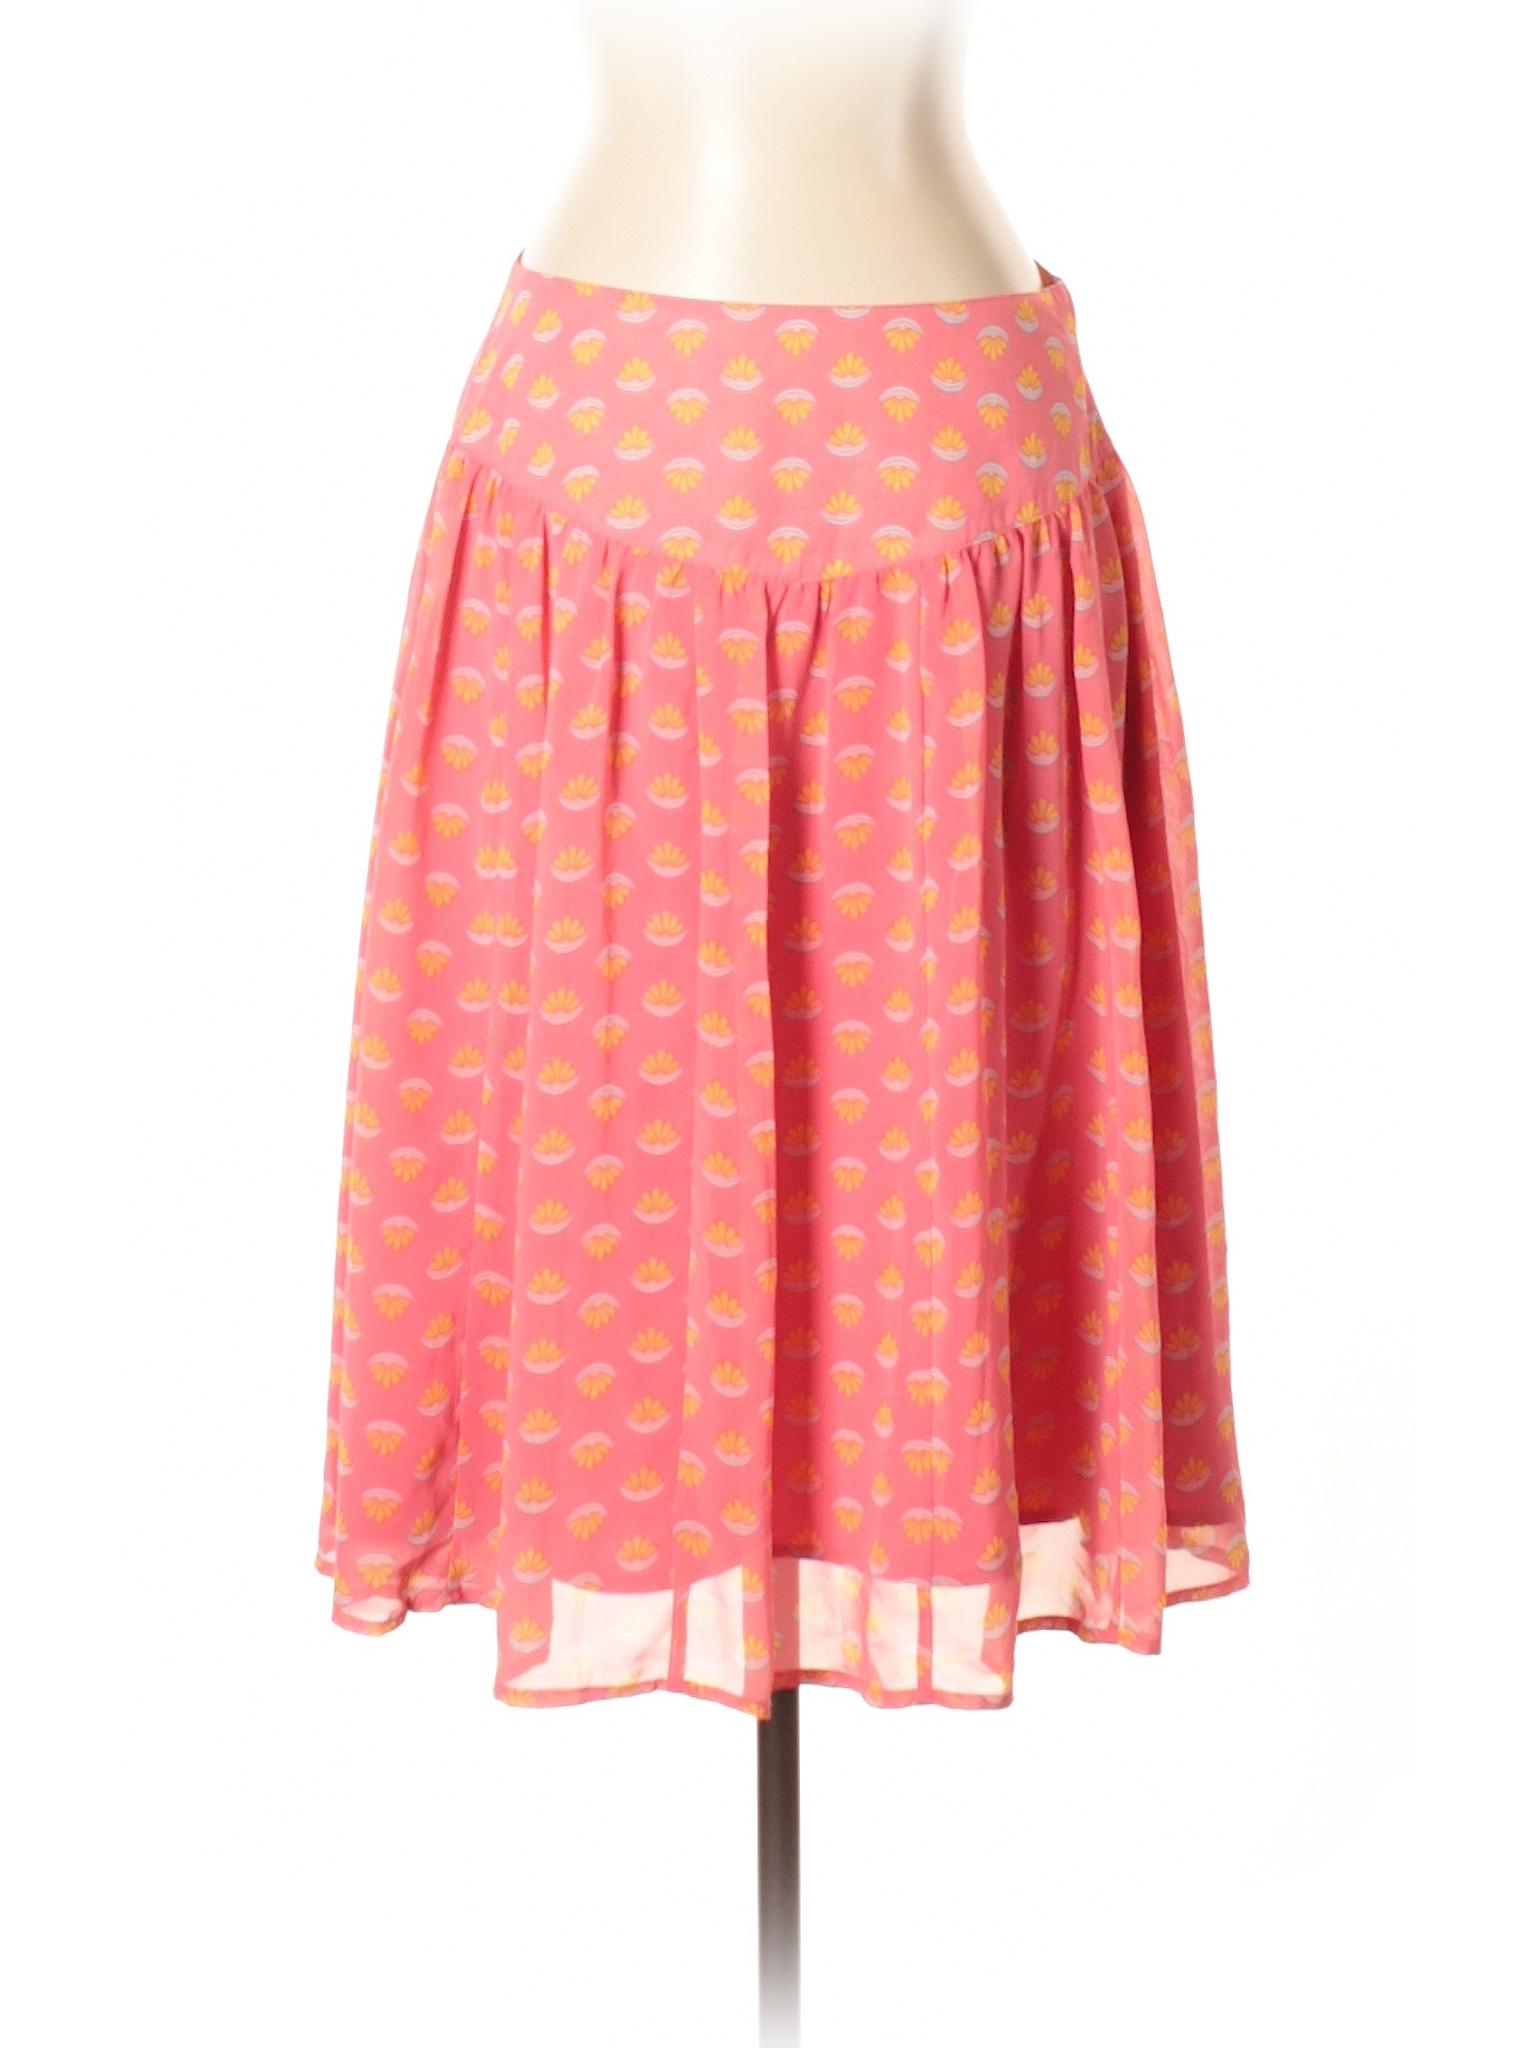 Boutique Downeast Downeast Boutique Skirt Casual Downeast Skirt Casual Skirt Boutique Boutique Casual wtd6Aqzz